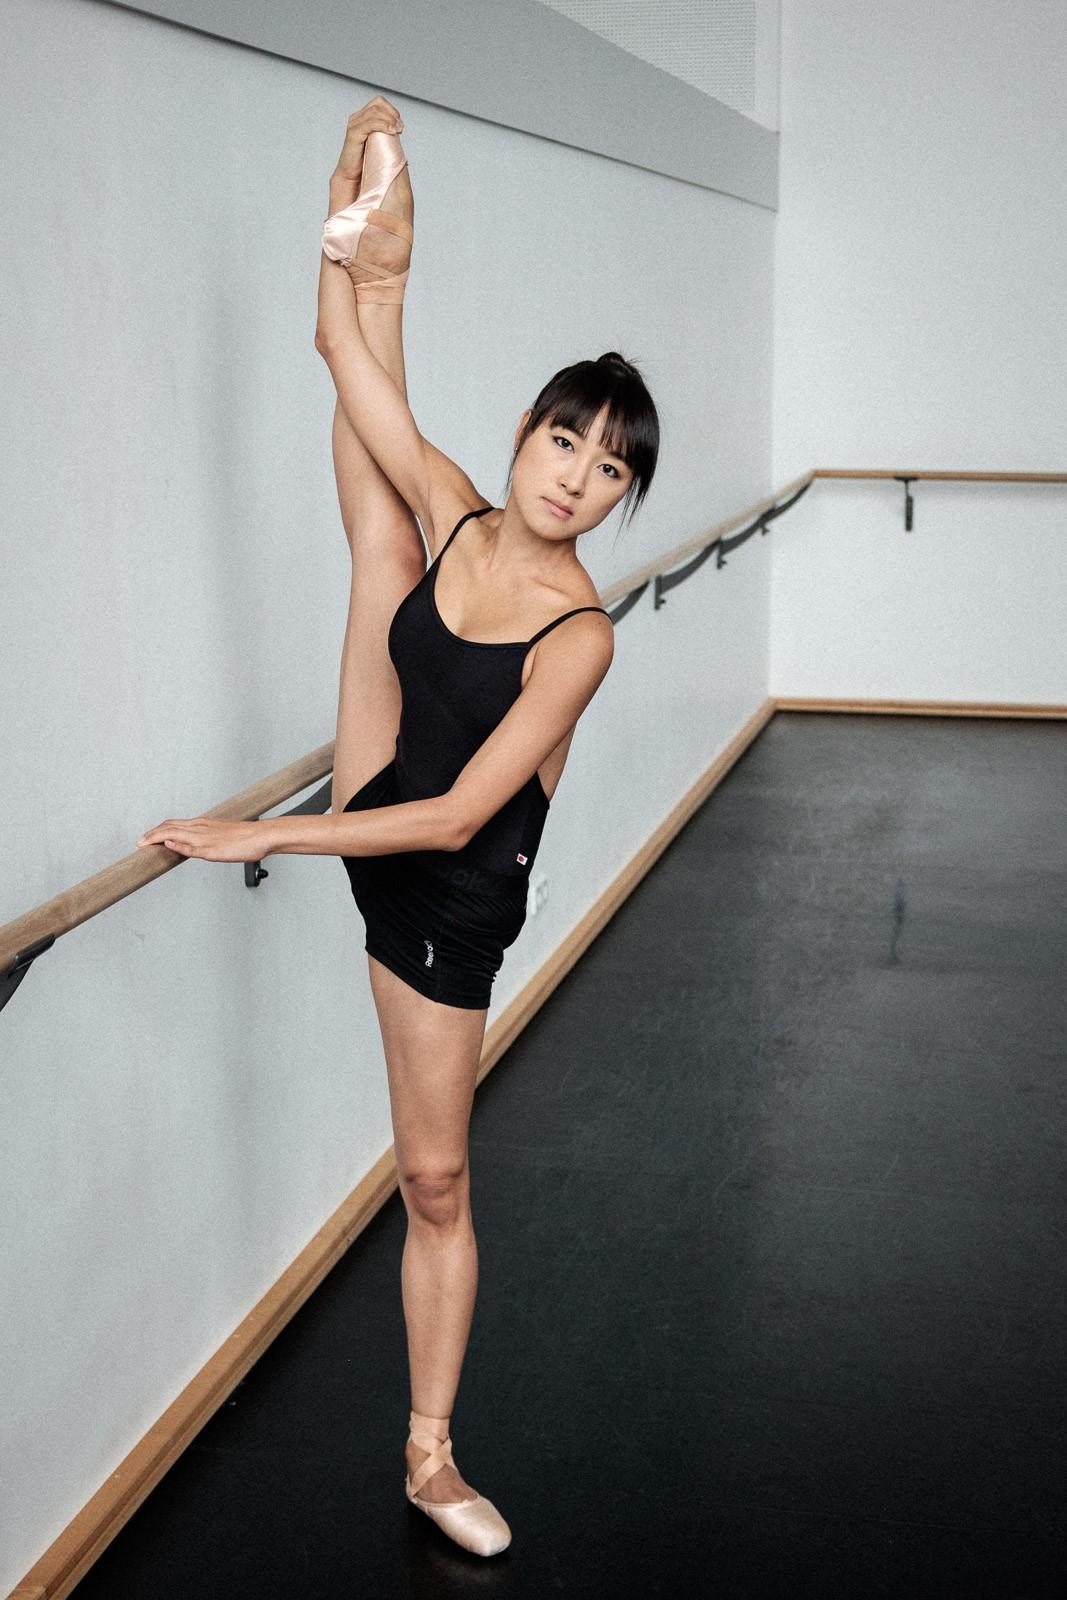 warmup ballet studio staatsballett